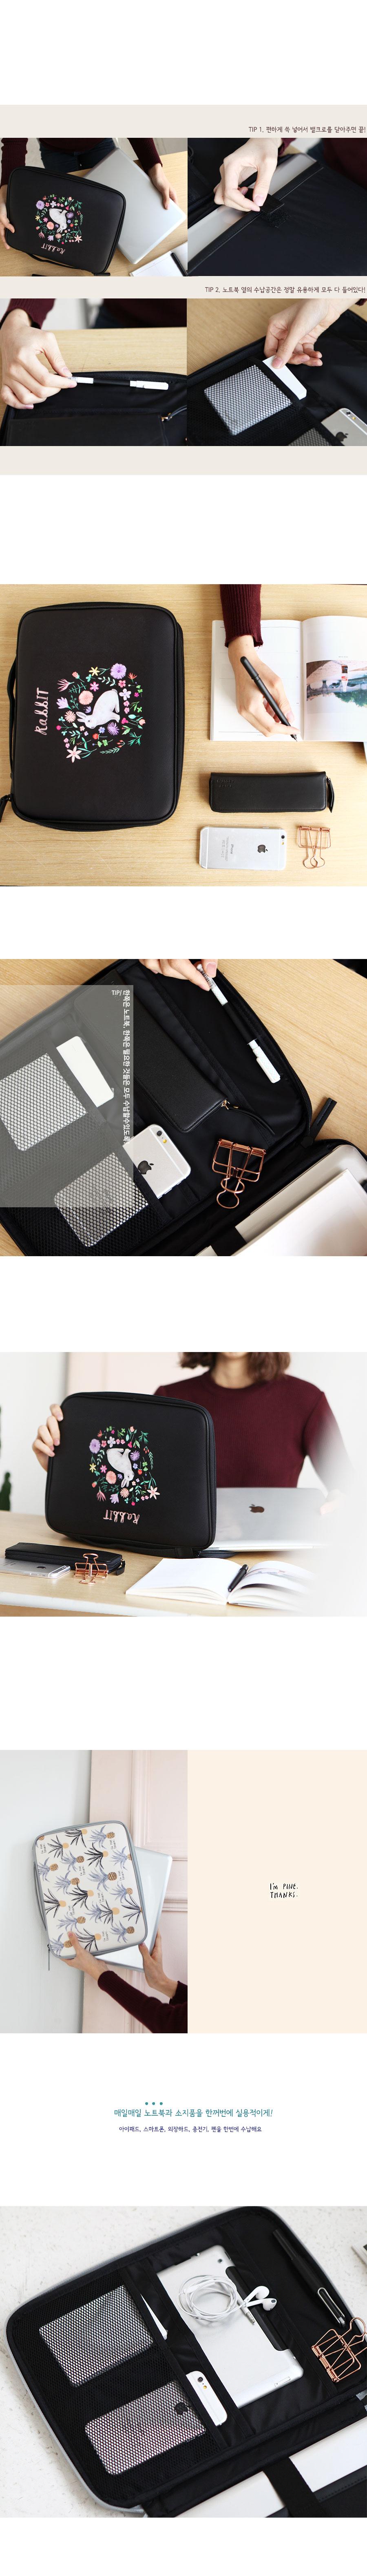 Rim 멀티 노트북 케이스 - Pineapple - 위드앨리스, 38,000원, 노트북 케이스/파우치, 12~13인치